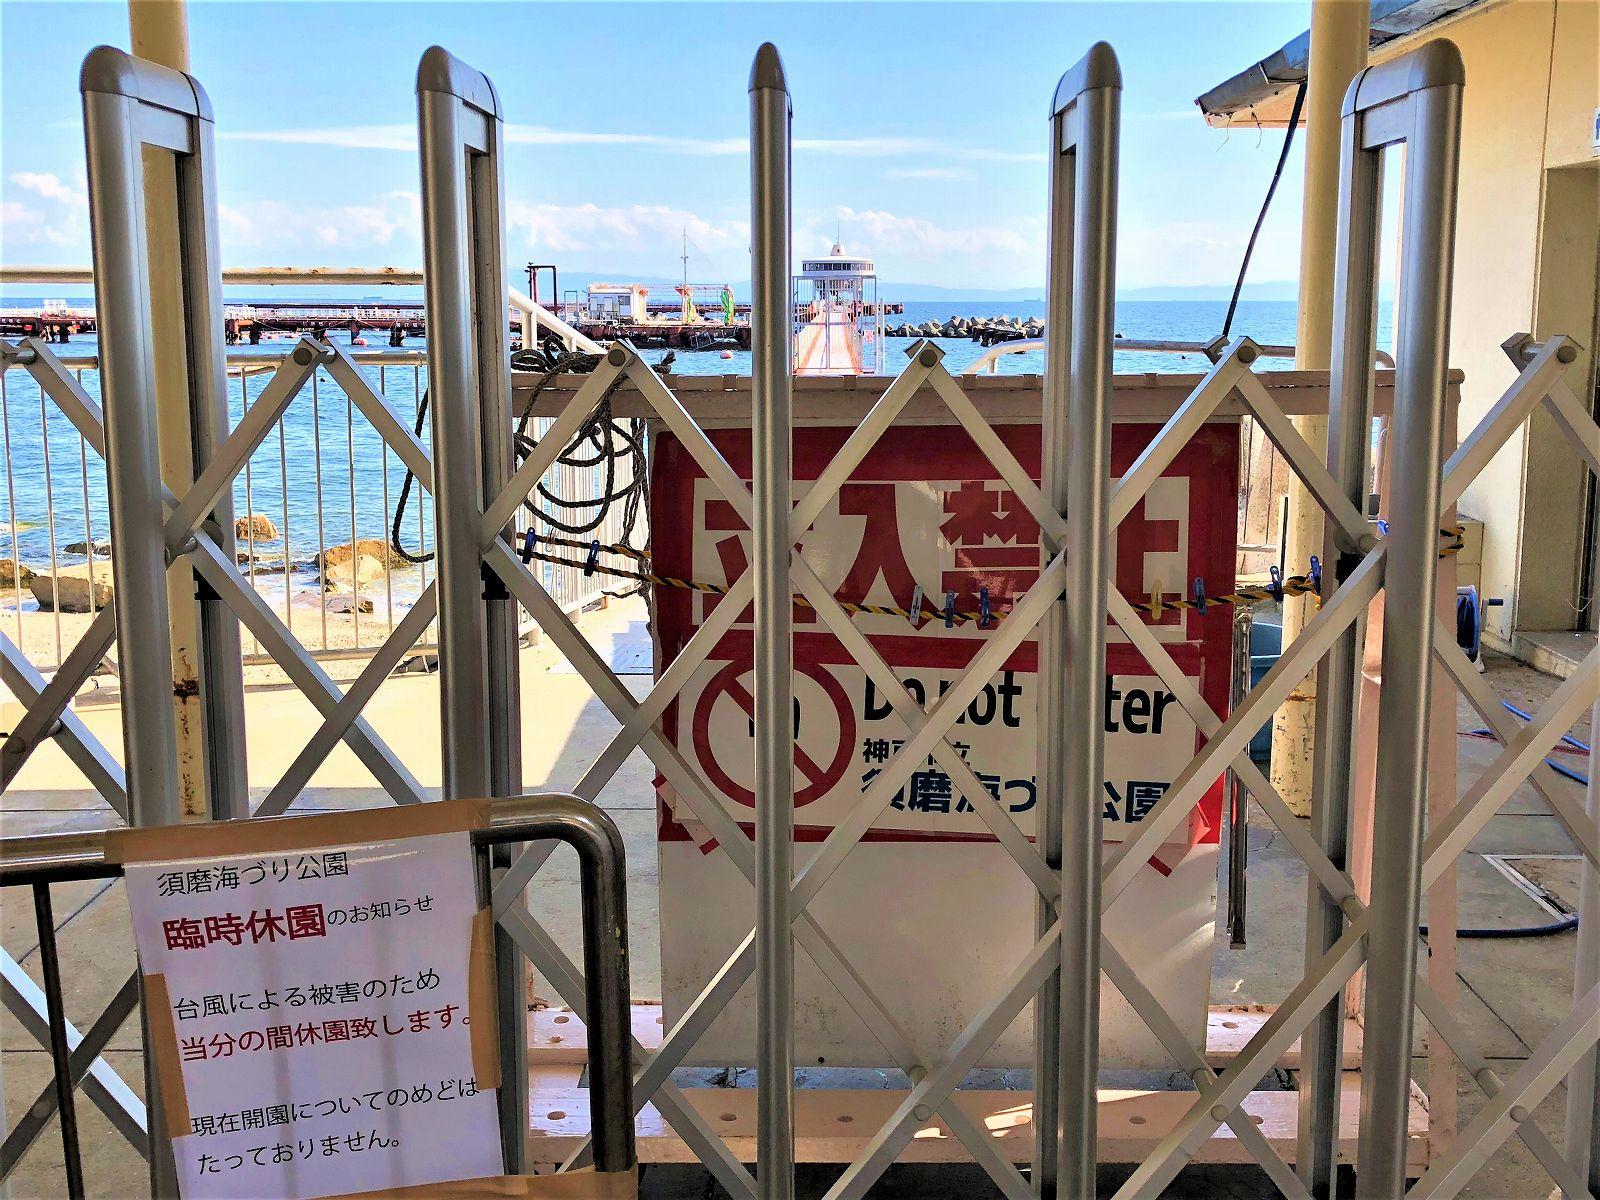 台風の被害!神戸市立須磨海づり公園が臨時休園中、復活までさらにかかる模様。 #須磨区 #神戸市立須磨海づり公園 #釣りスポット #釣り好き